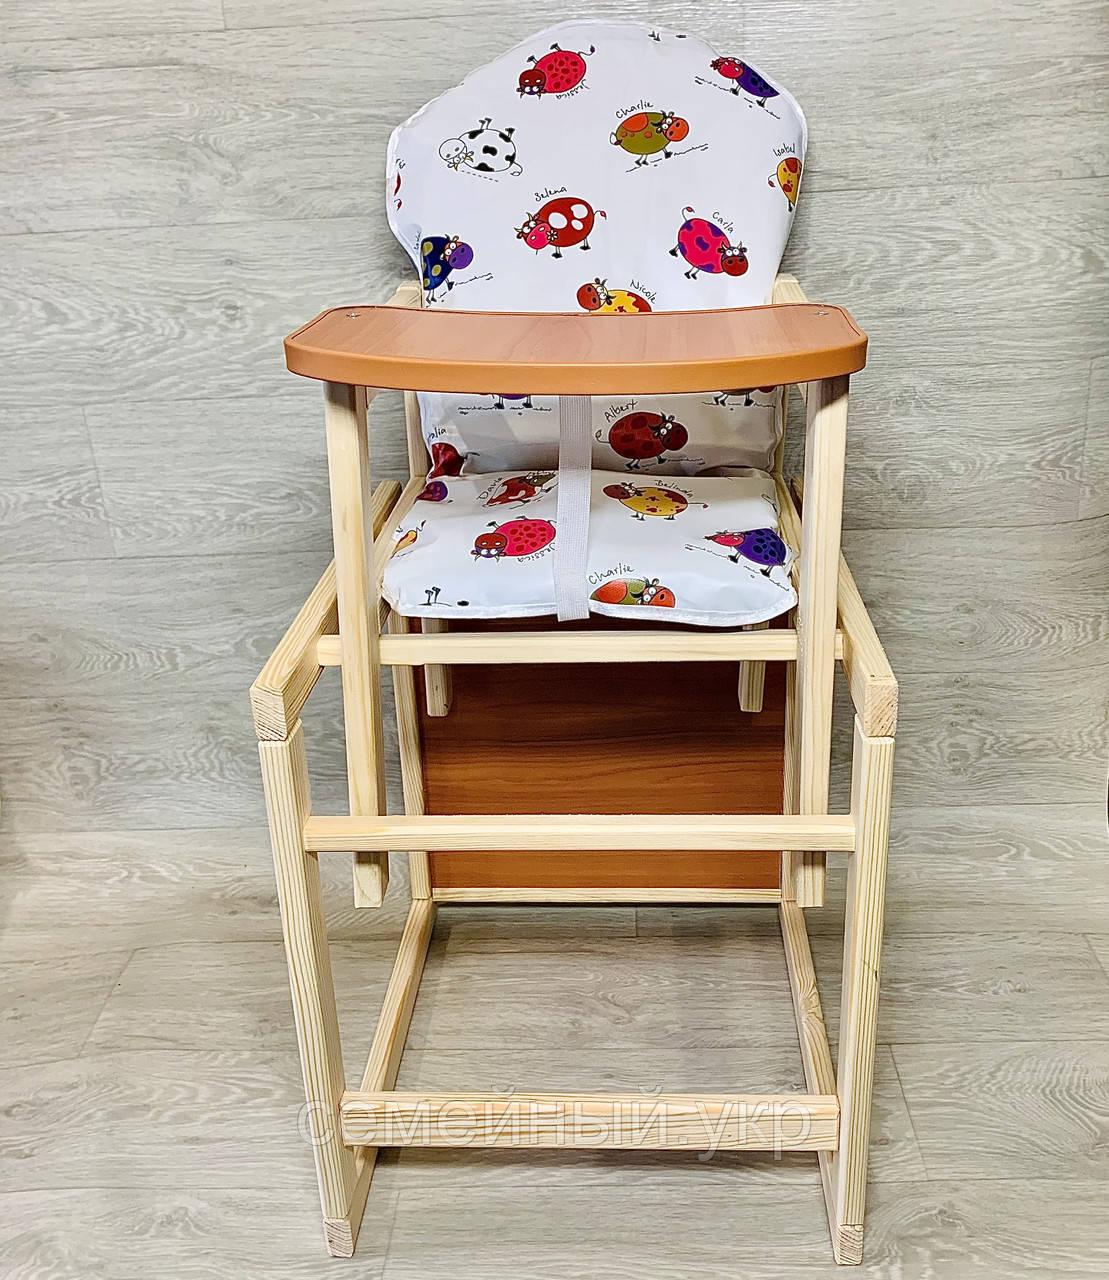 Деревянный столик для кормления. Стульчик для кормления, трансформер Наталка